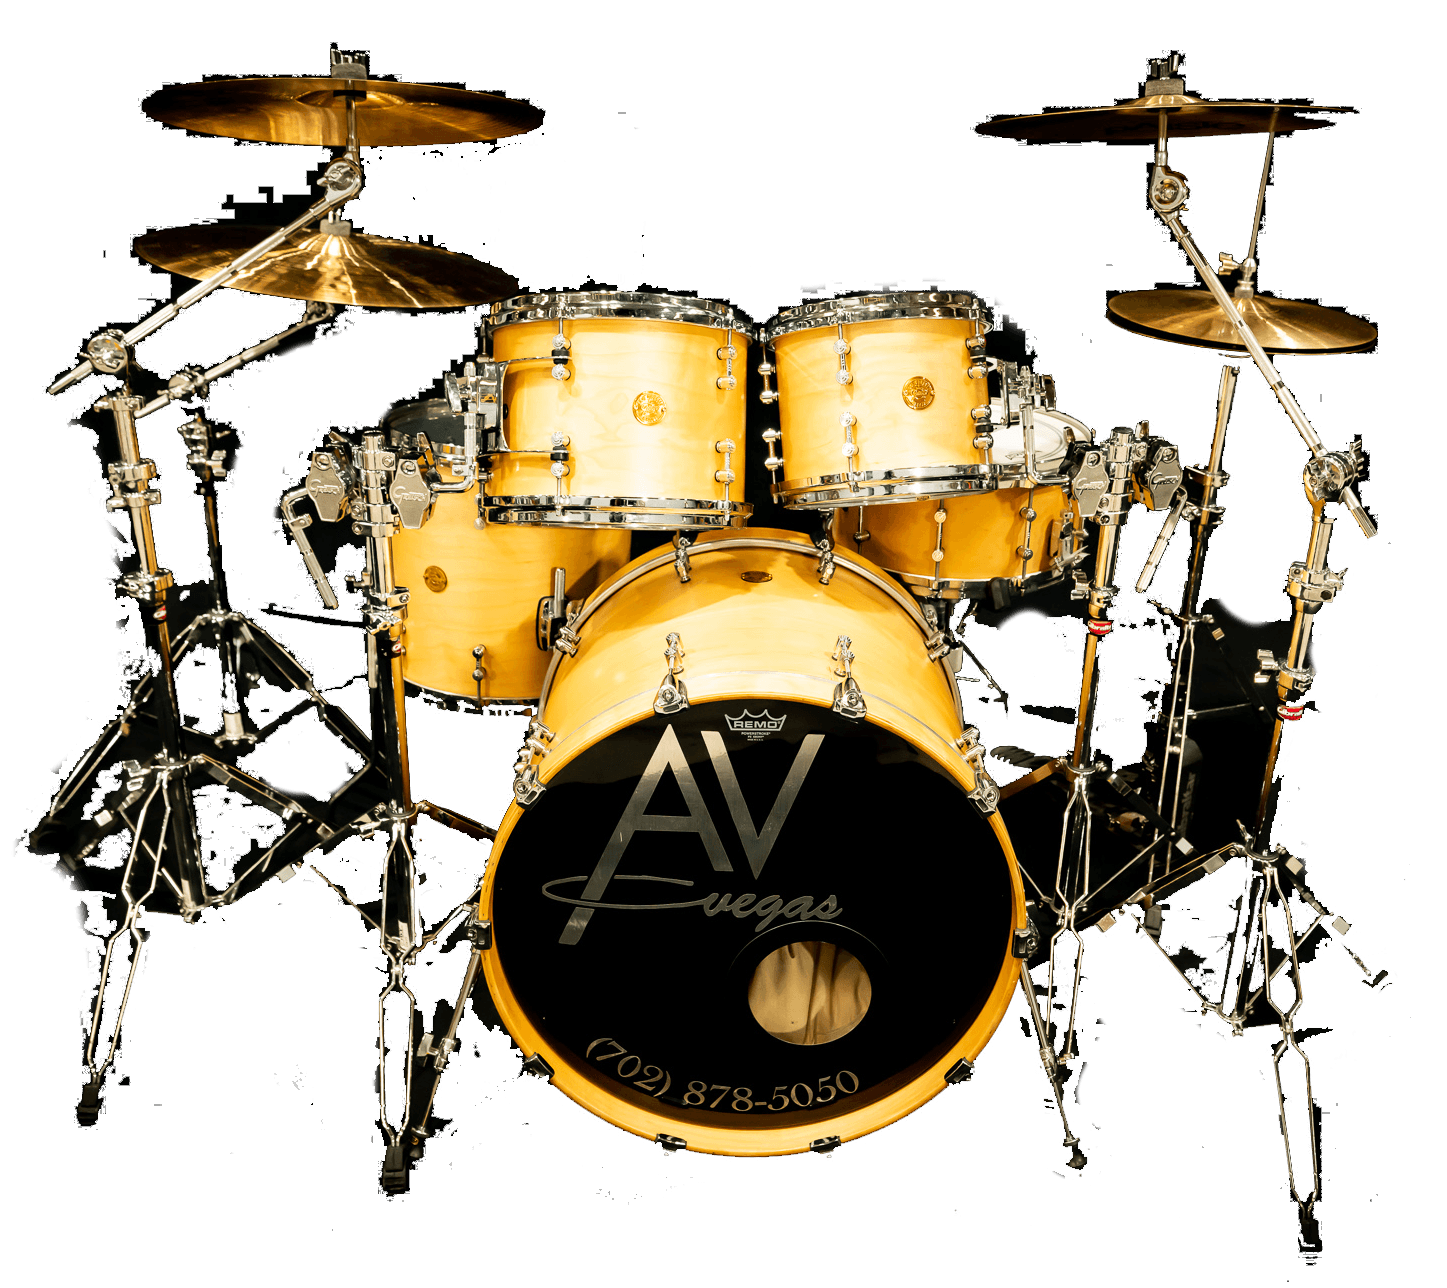 Gretsch drum kit